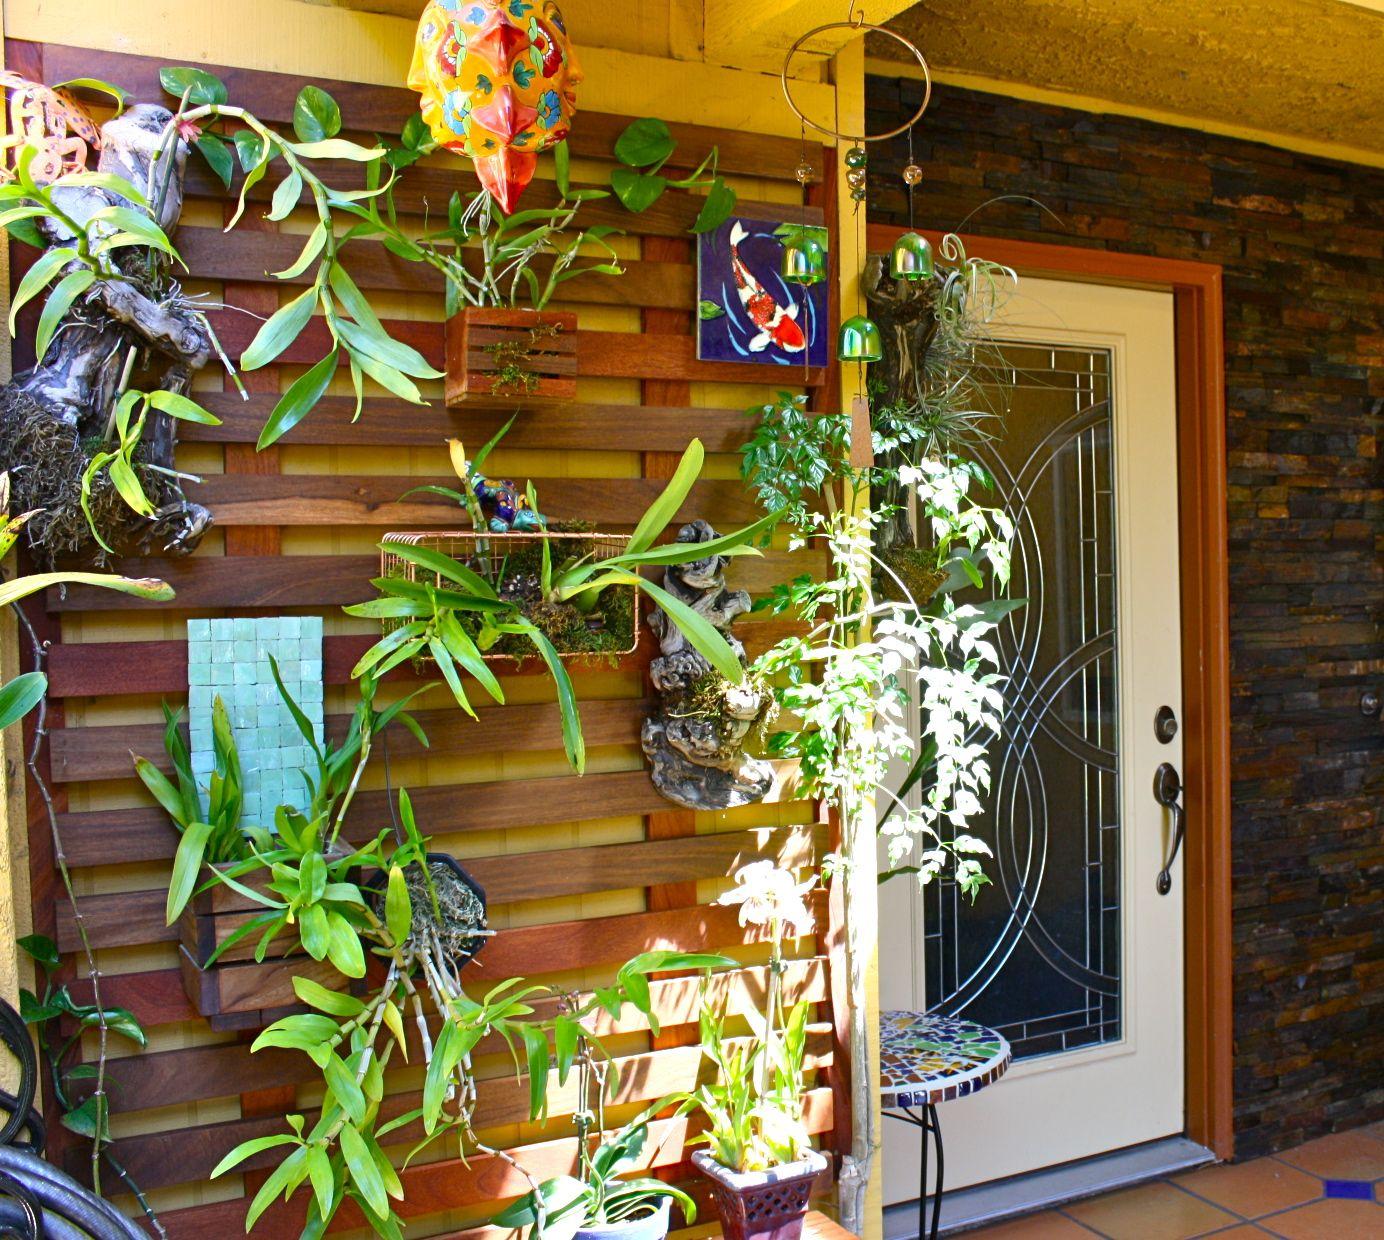 Glamorous bamboo fencing mode miami tropical landscape image ideas - Garden Ideas